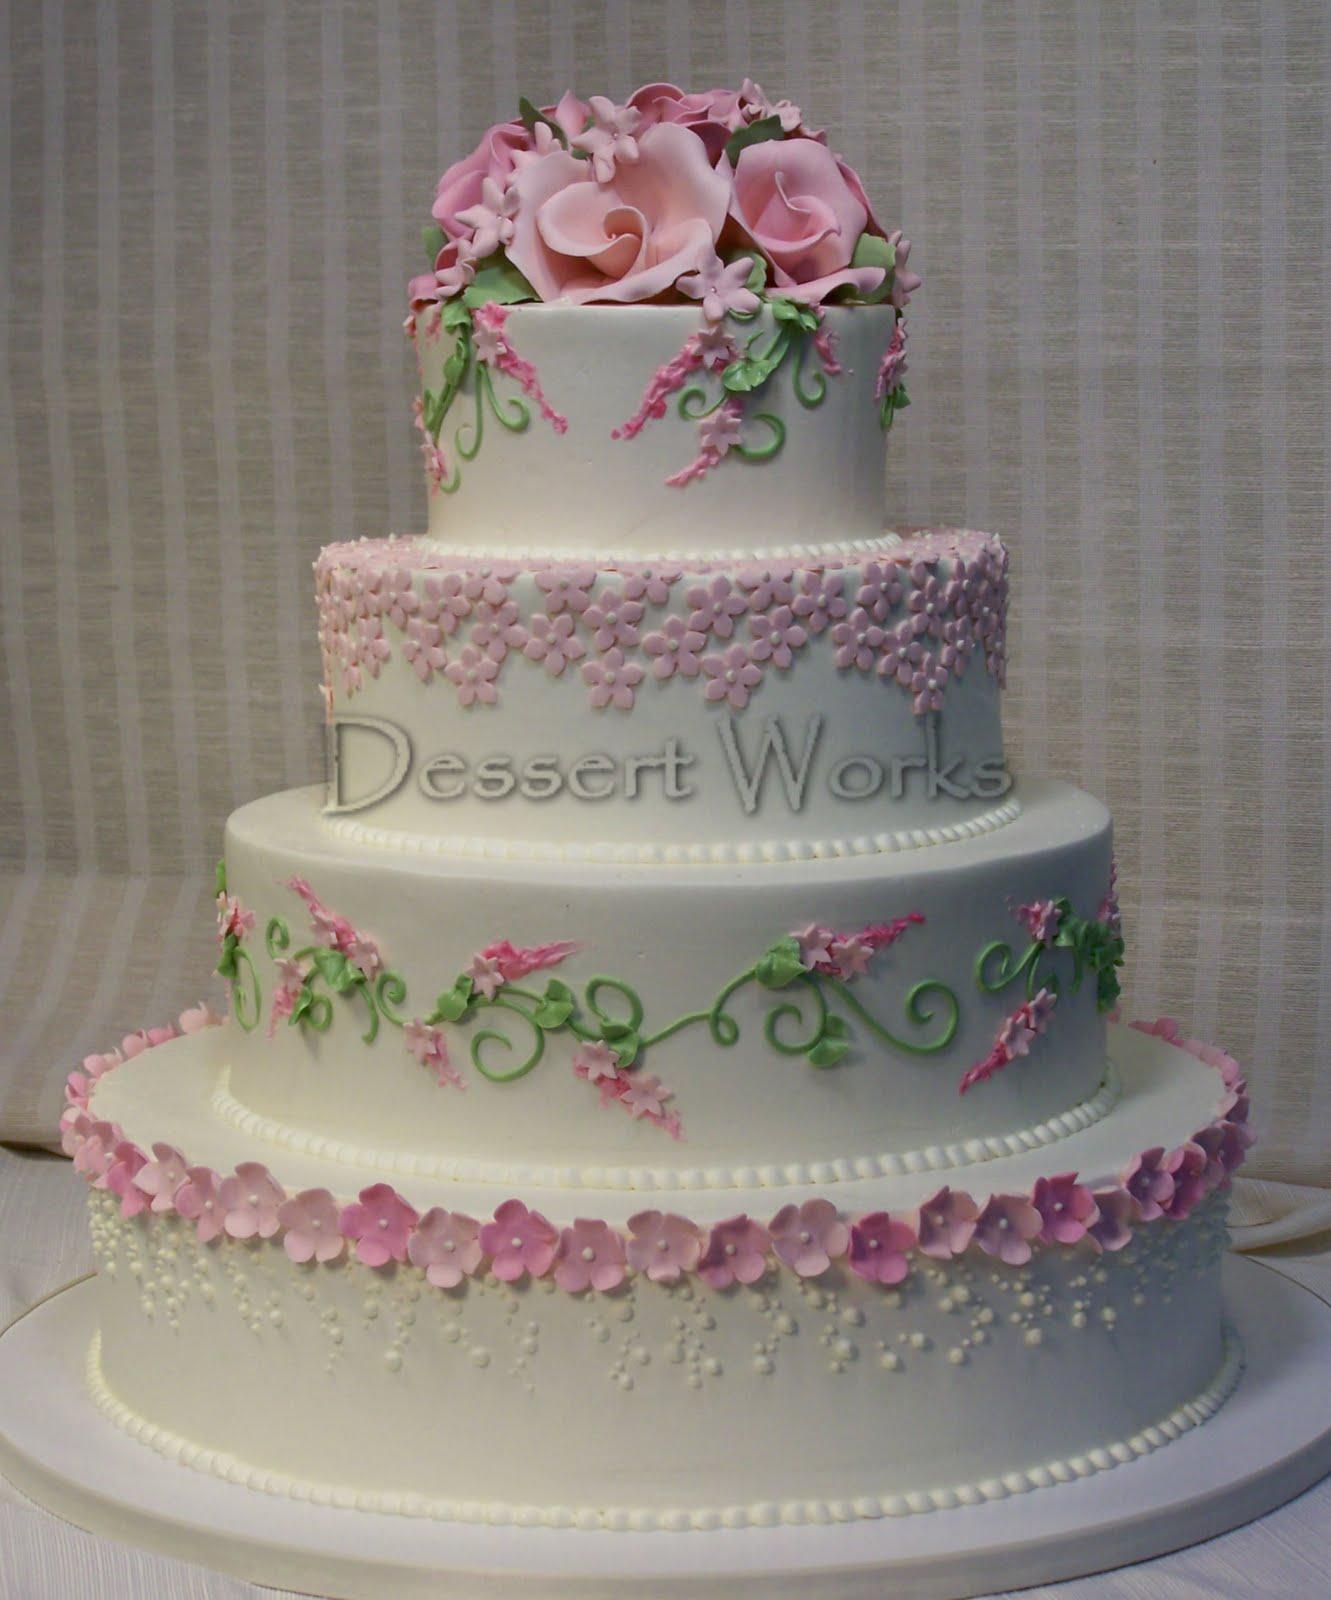 dessert works bakery april 2010. Black Bedroom Furniture Sets. Home Design Ideas